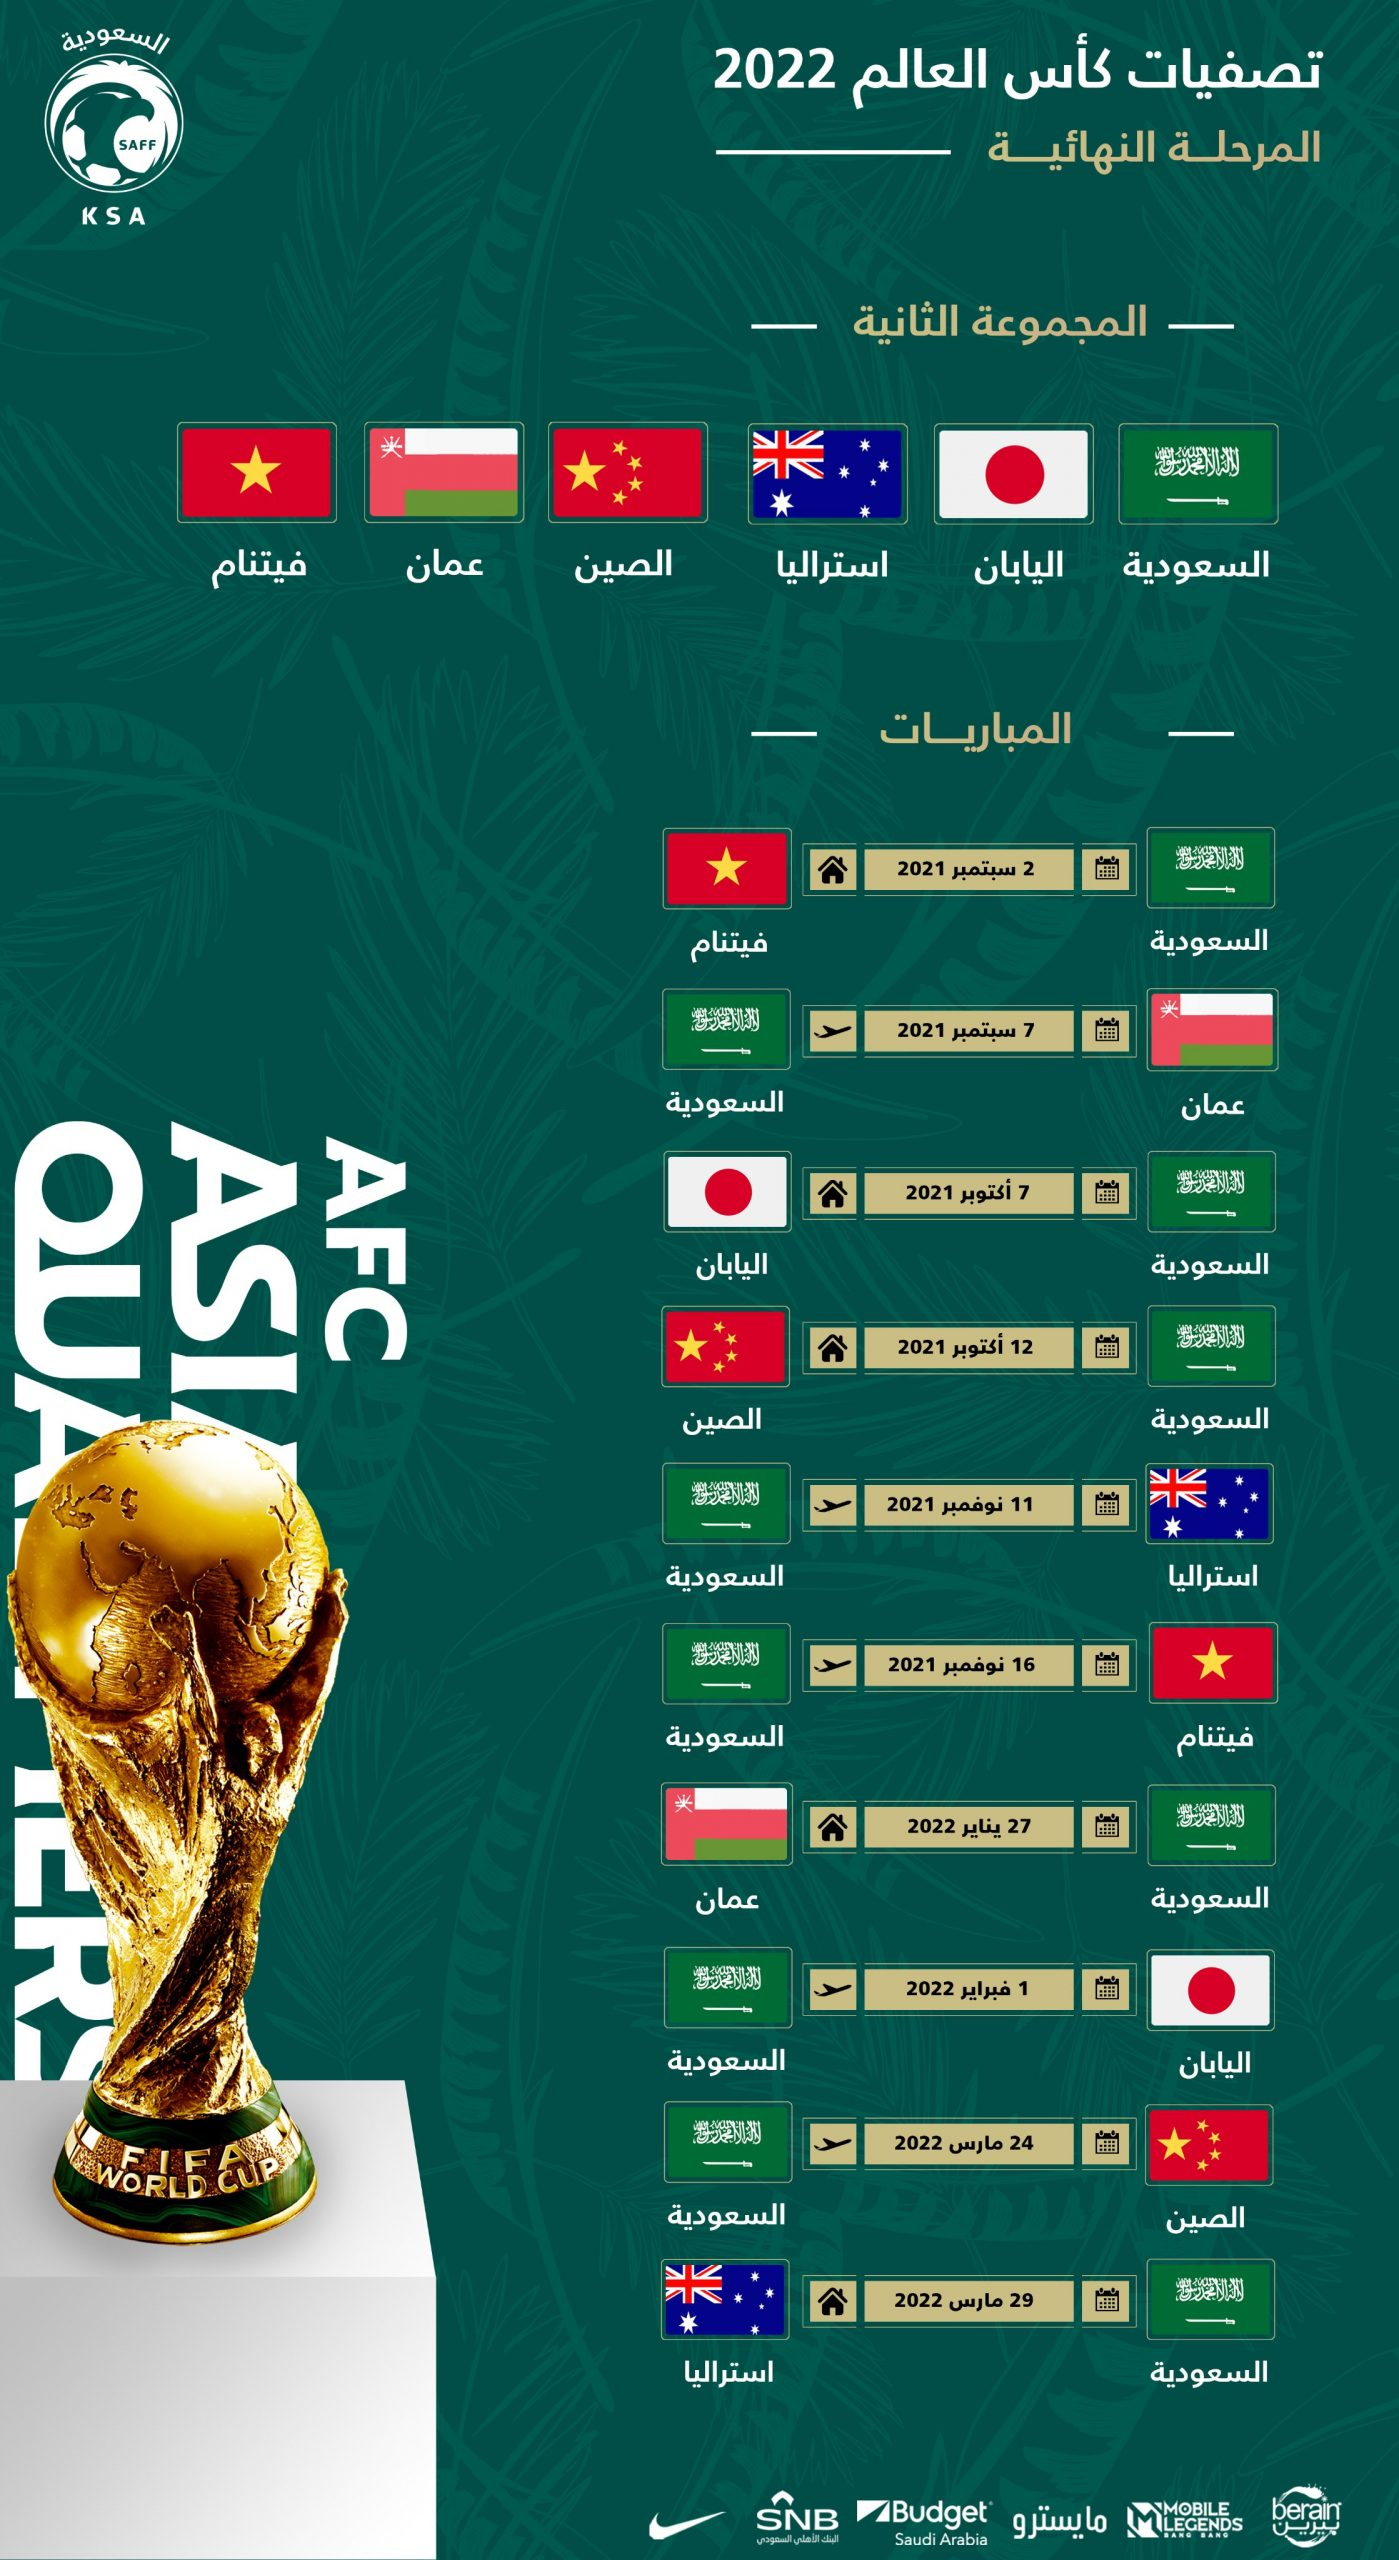 مجموعة السعودية جدول مباريات المنتخب السعودي في تصفيات كأس العالم 2022